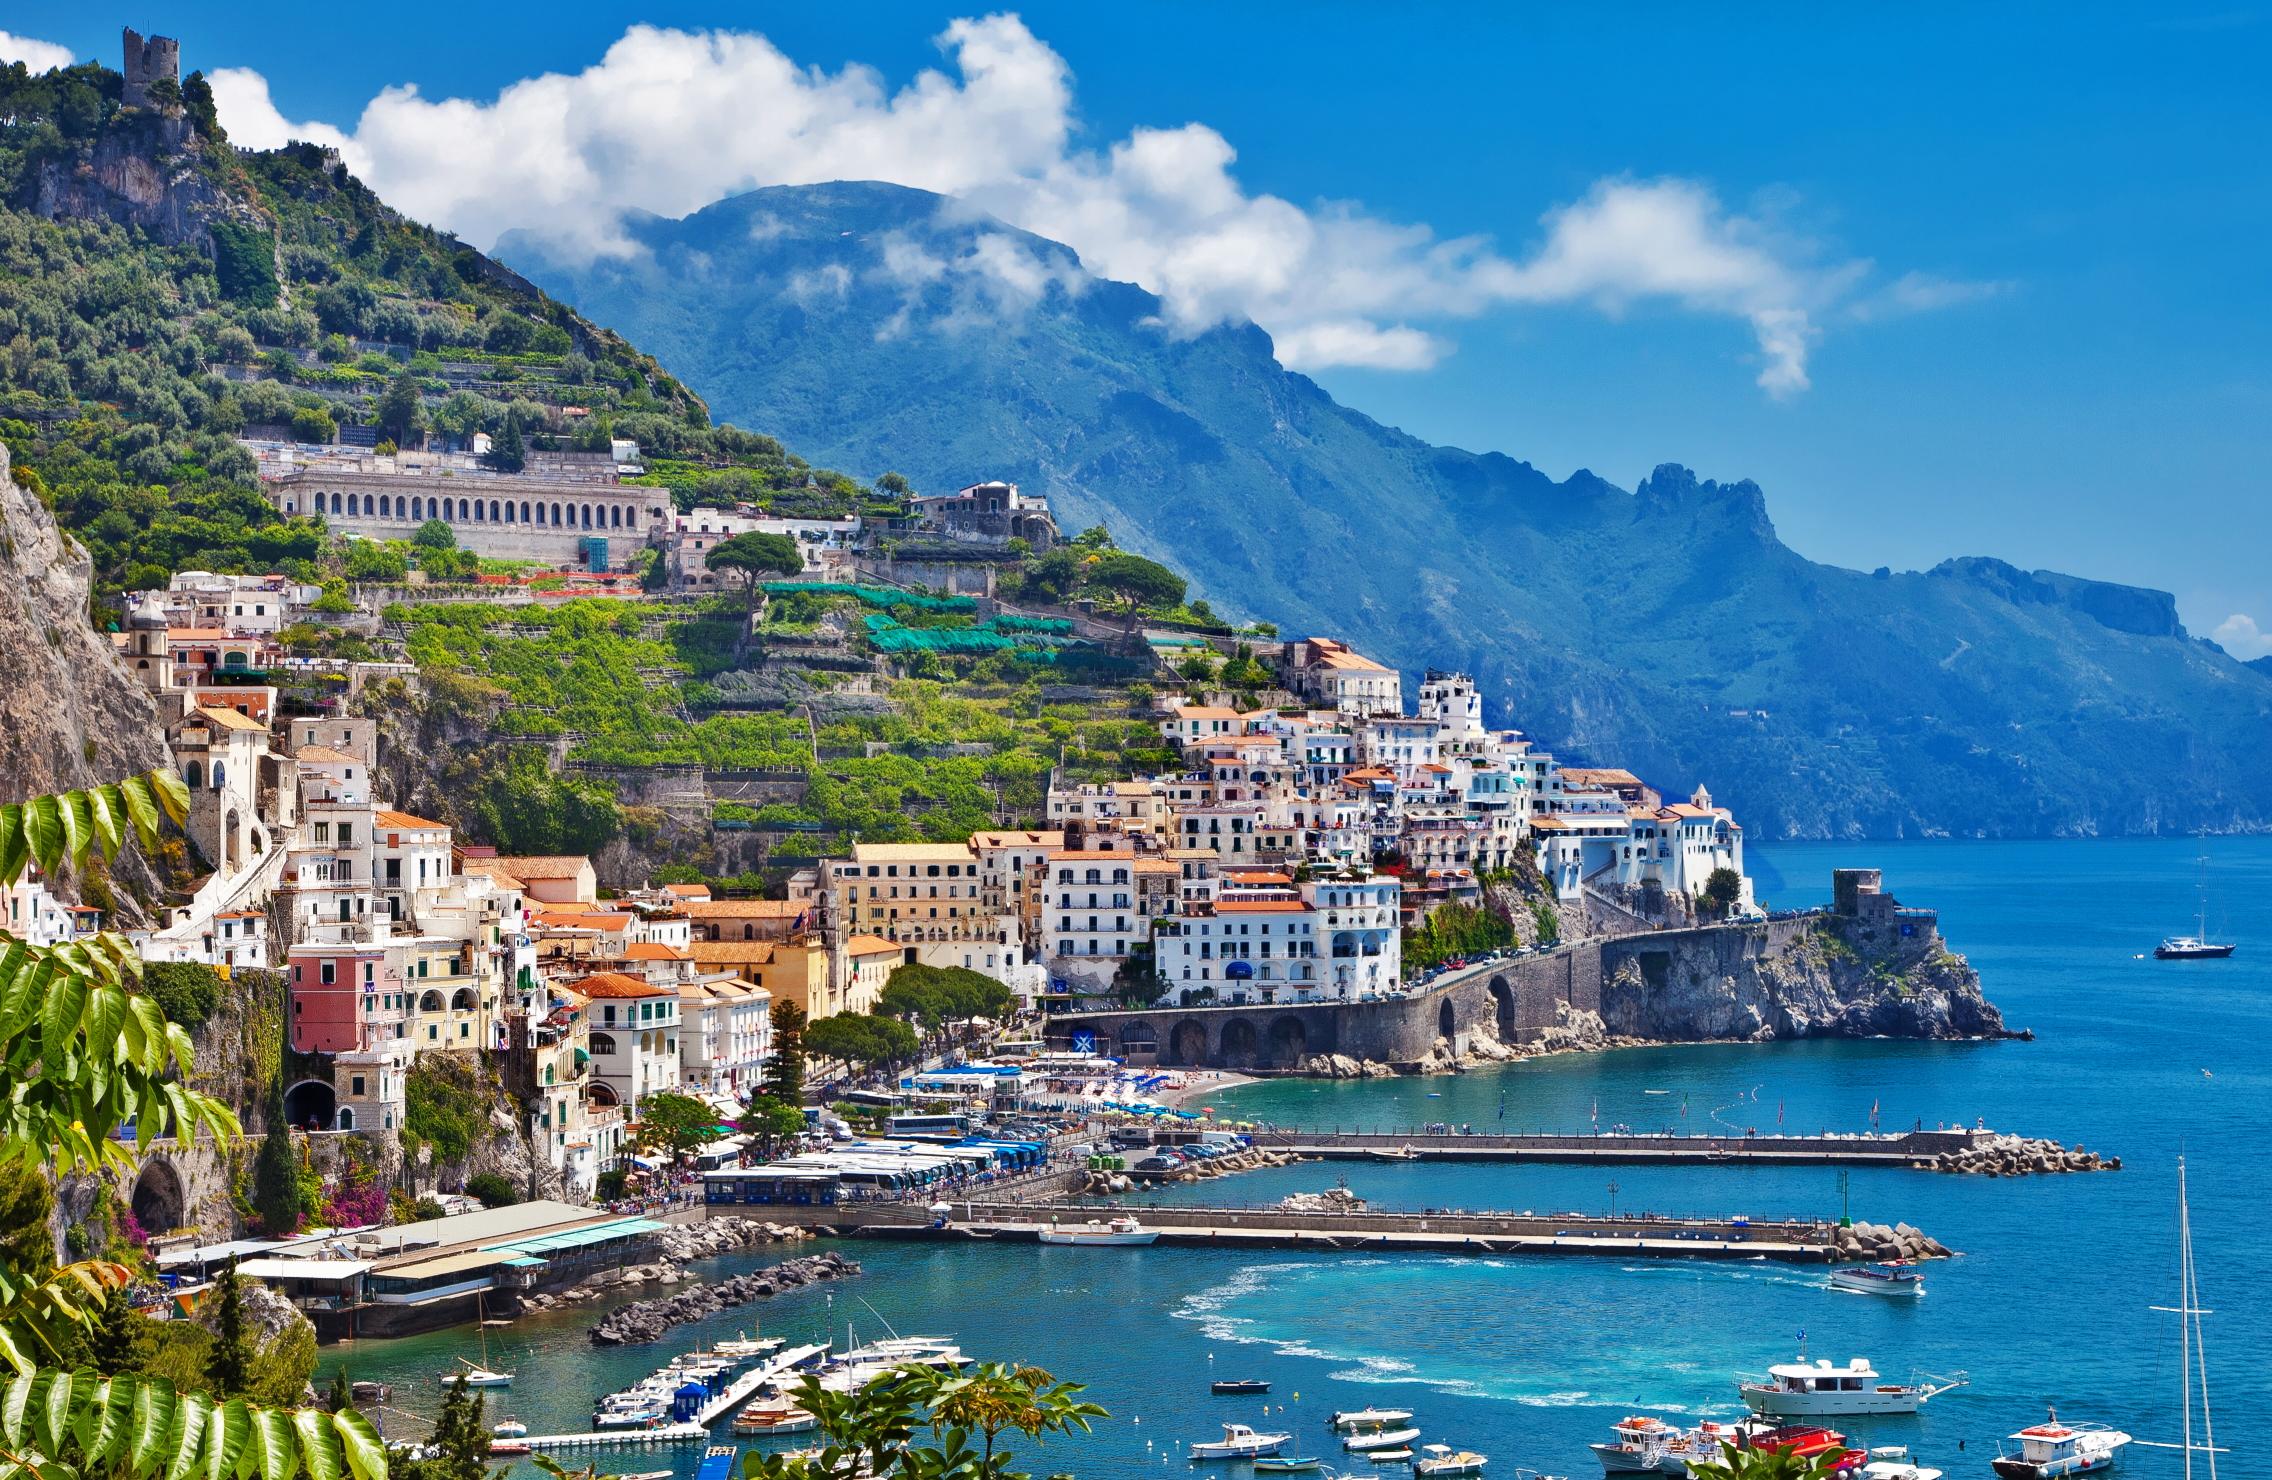 Amalfi - Boat & Snorkeling tour